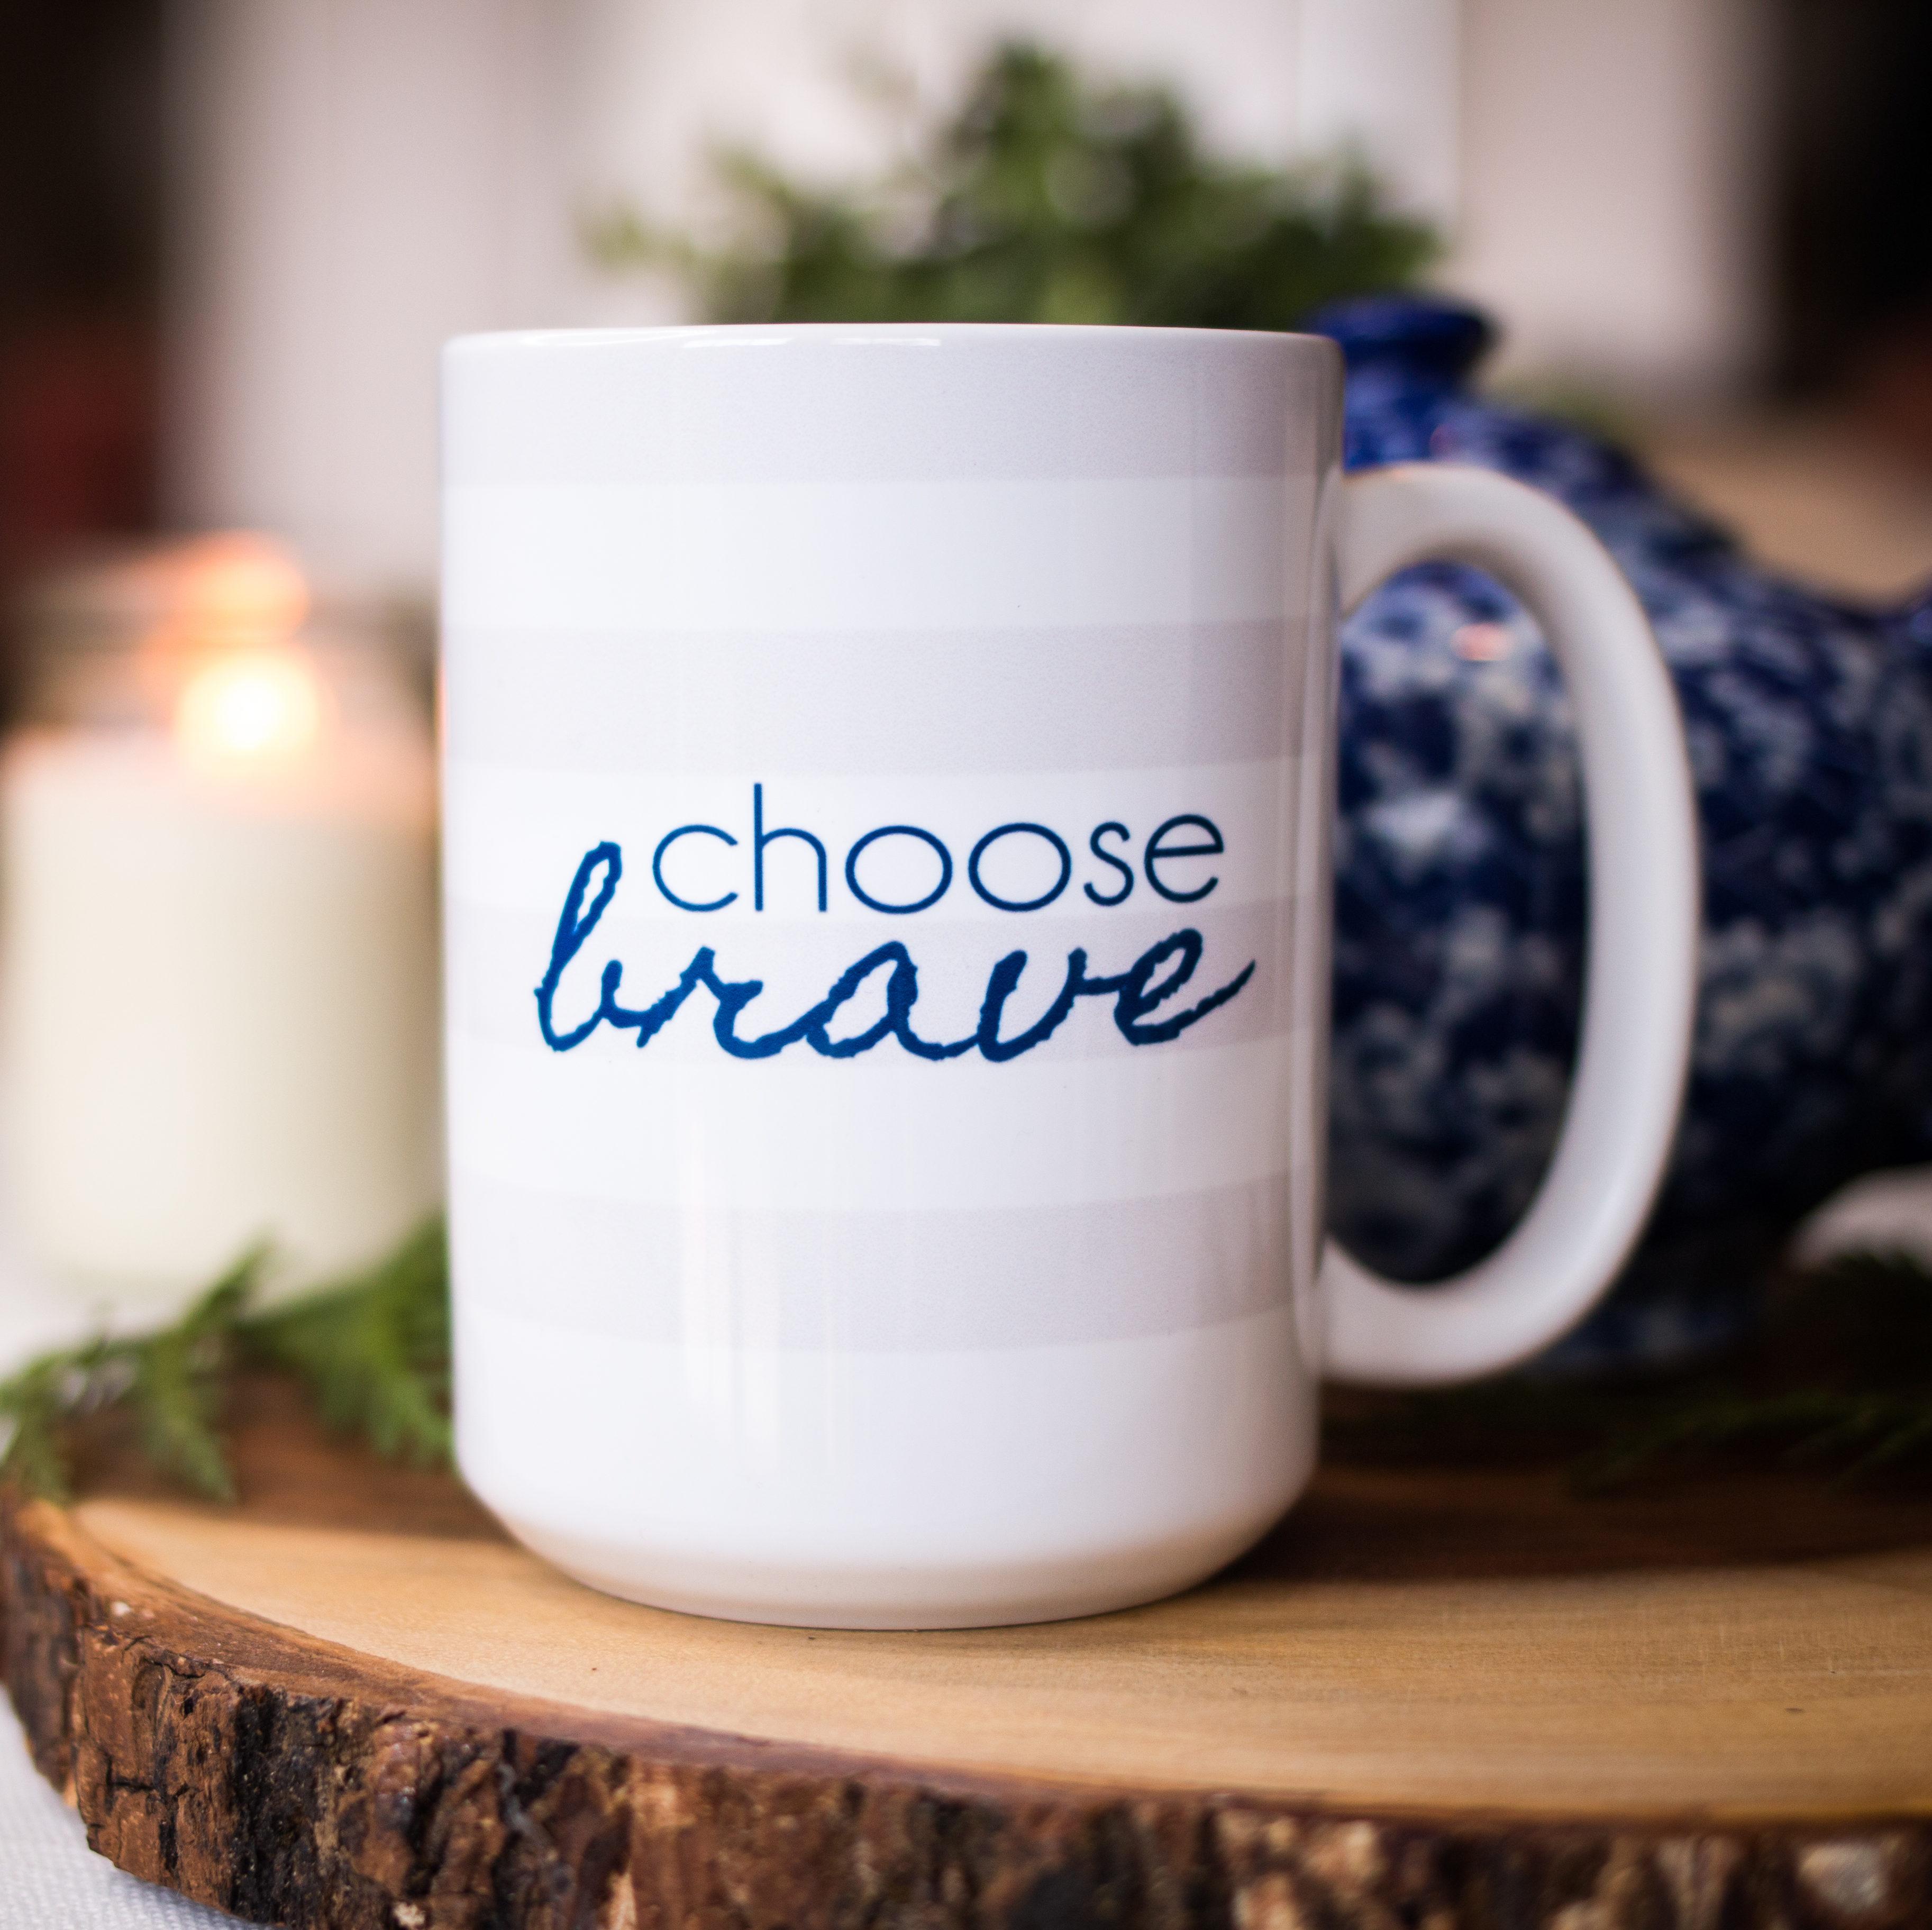 CHOOSE BRAVE Rugby Stripe Mug | BeckyLMcCoy.com/shop